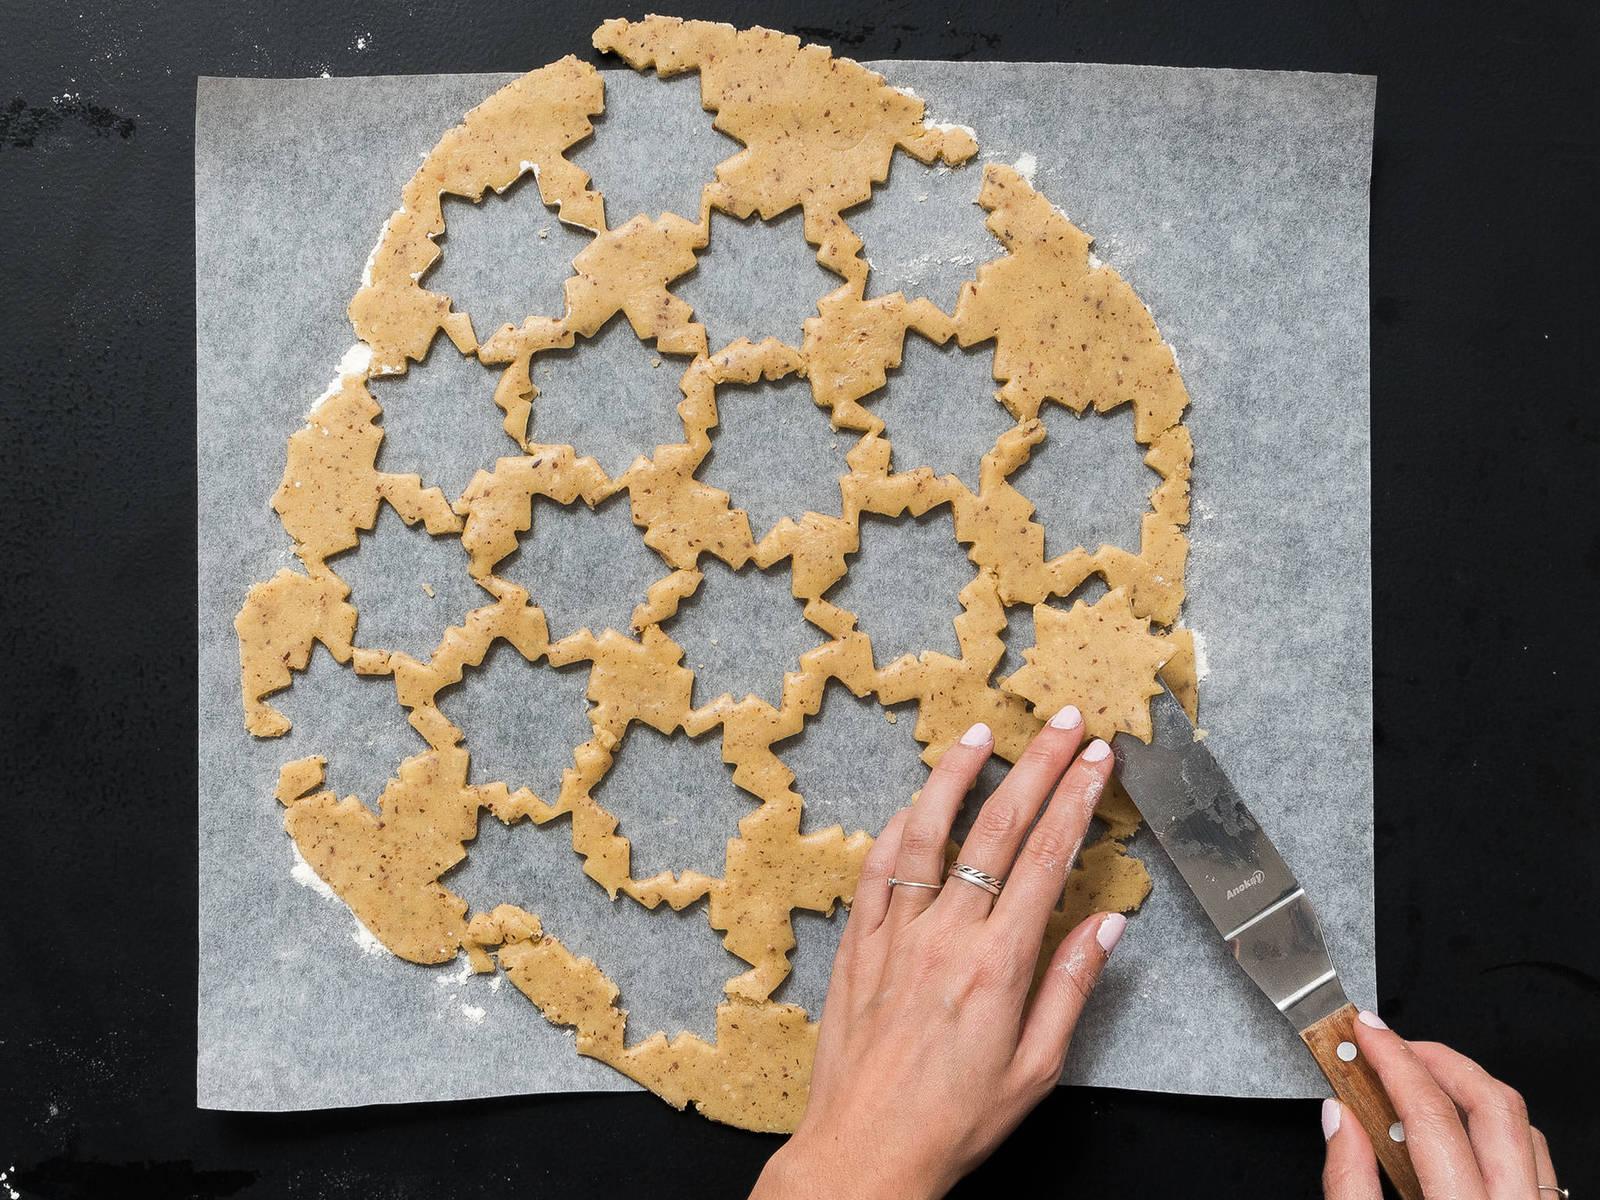 将烤箱预热至180℃。在工作台上撒些面粉,将面团擀成2毫米厚。用饼干模具切出曲奇形状,放到铺好烘焙纸的烤盘上。在半份面皮的中间用小的圆形模具切出一个小圆孔。放到烤箱中,以180℃烤15分钟,或直至烤成金棕色。从烤箱中取出,放凉。